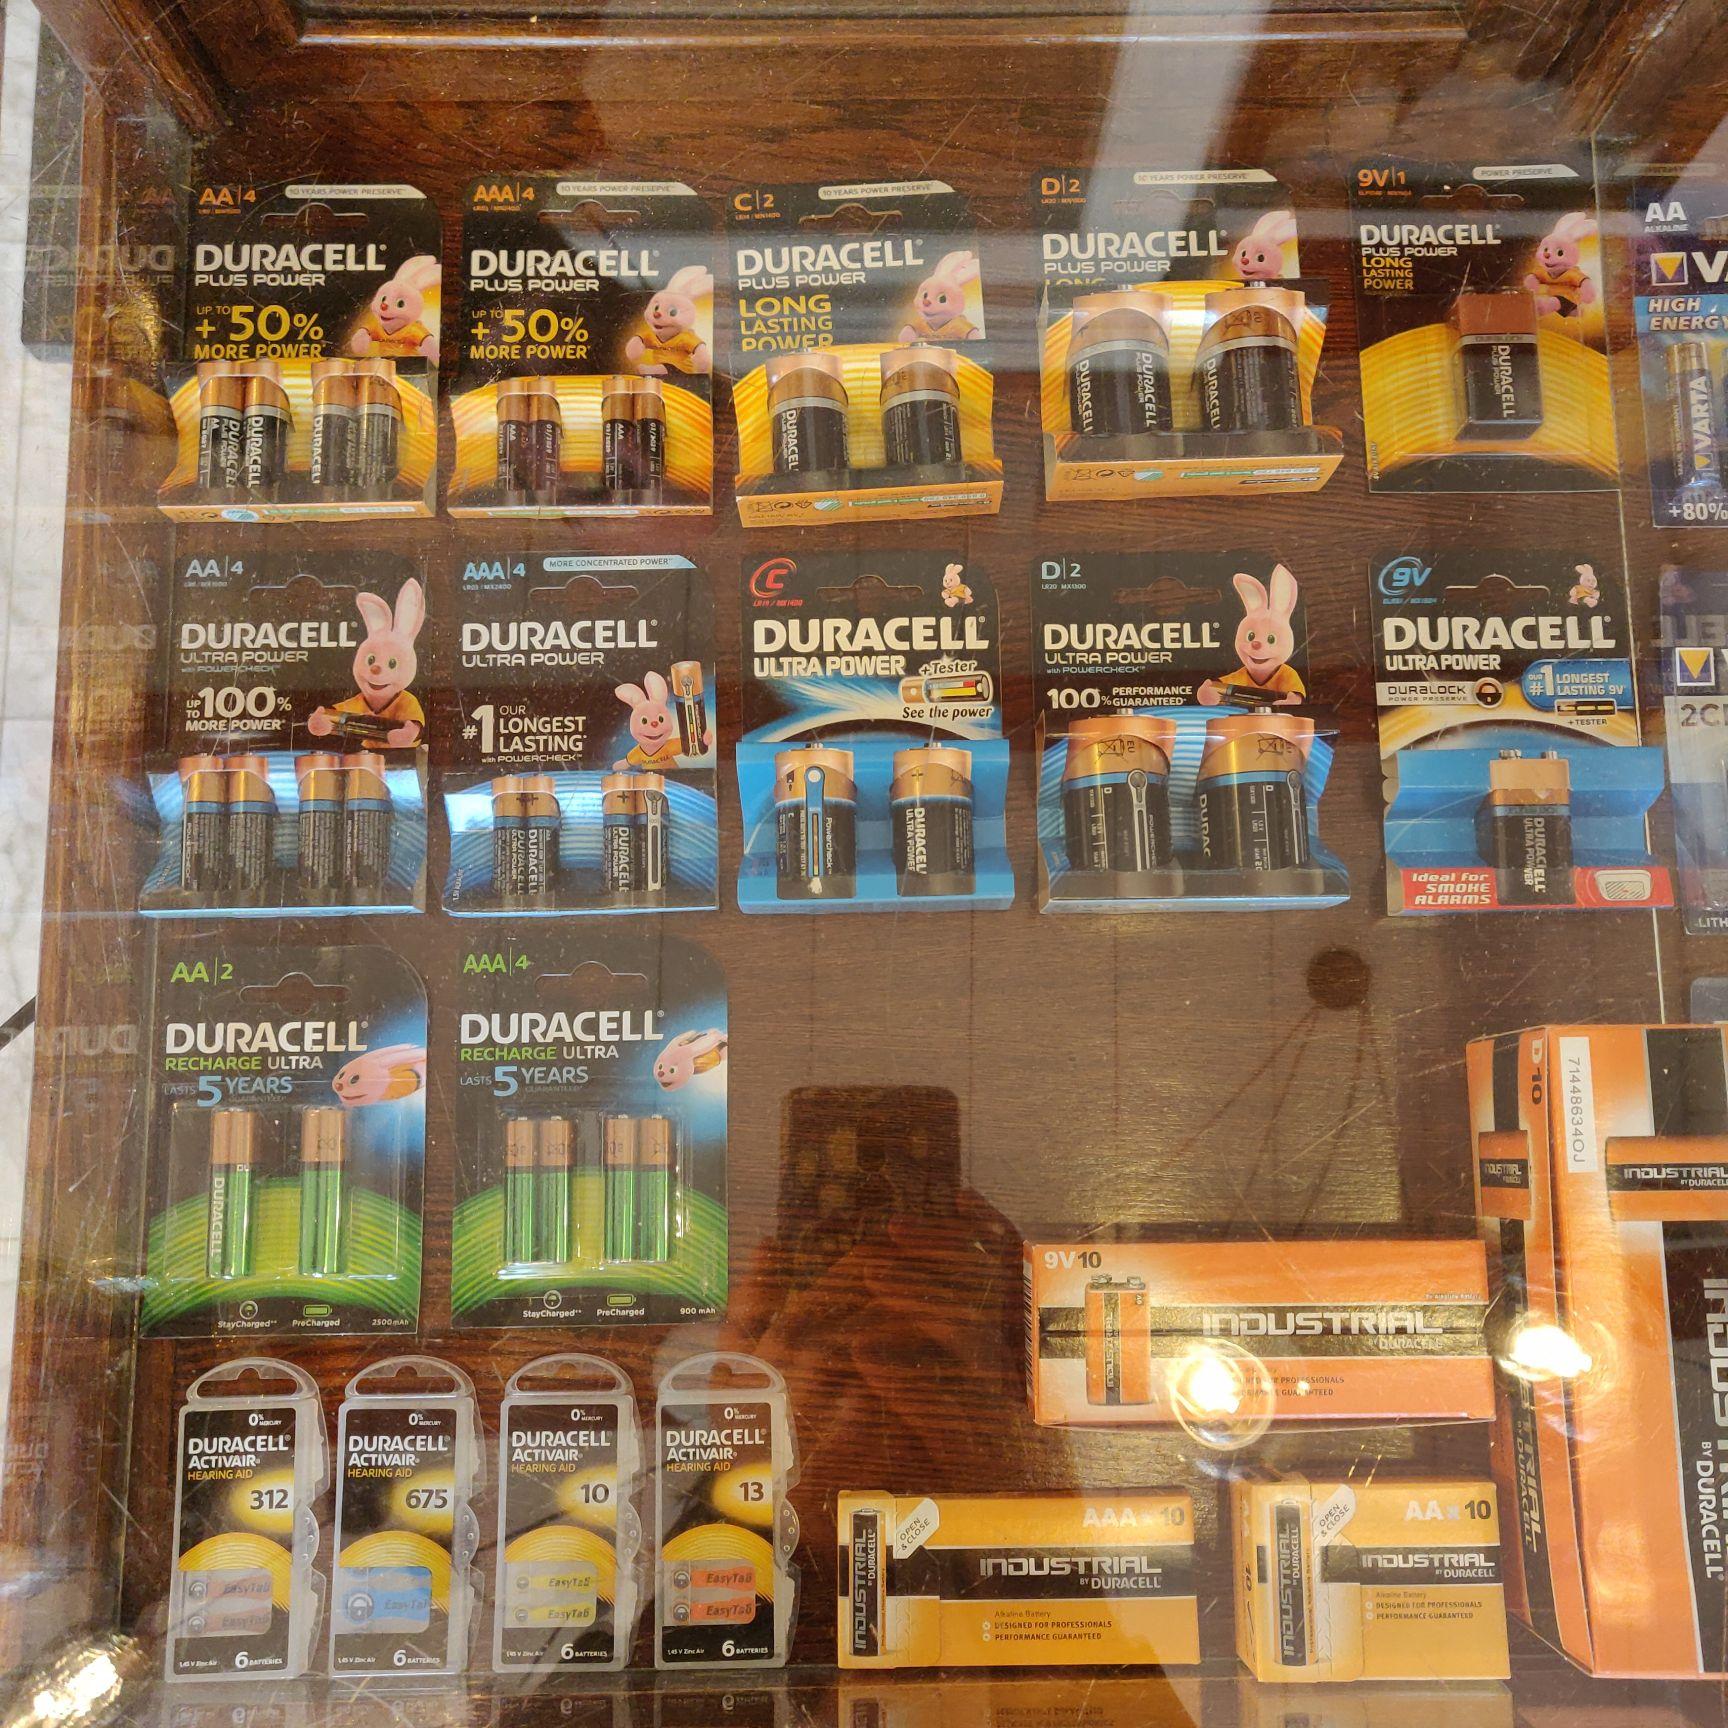 (lokaal) 10 Duracell batterijen voor 3,50! En meer